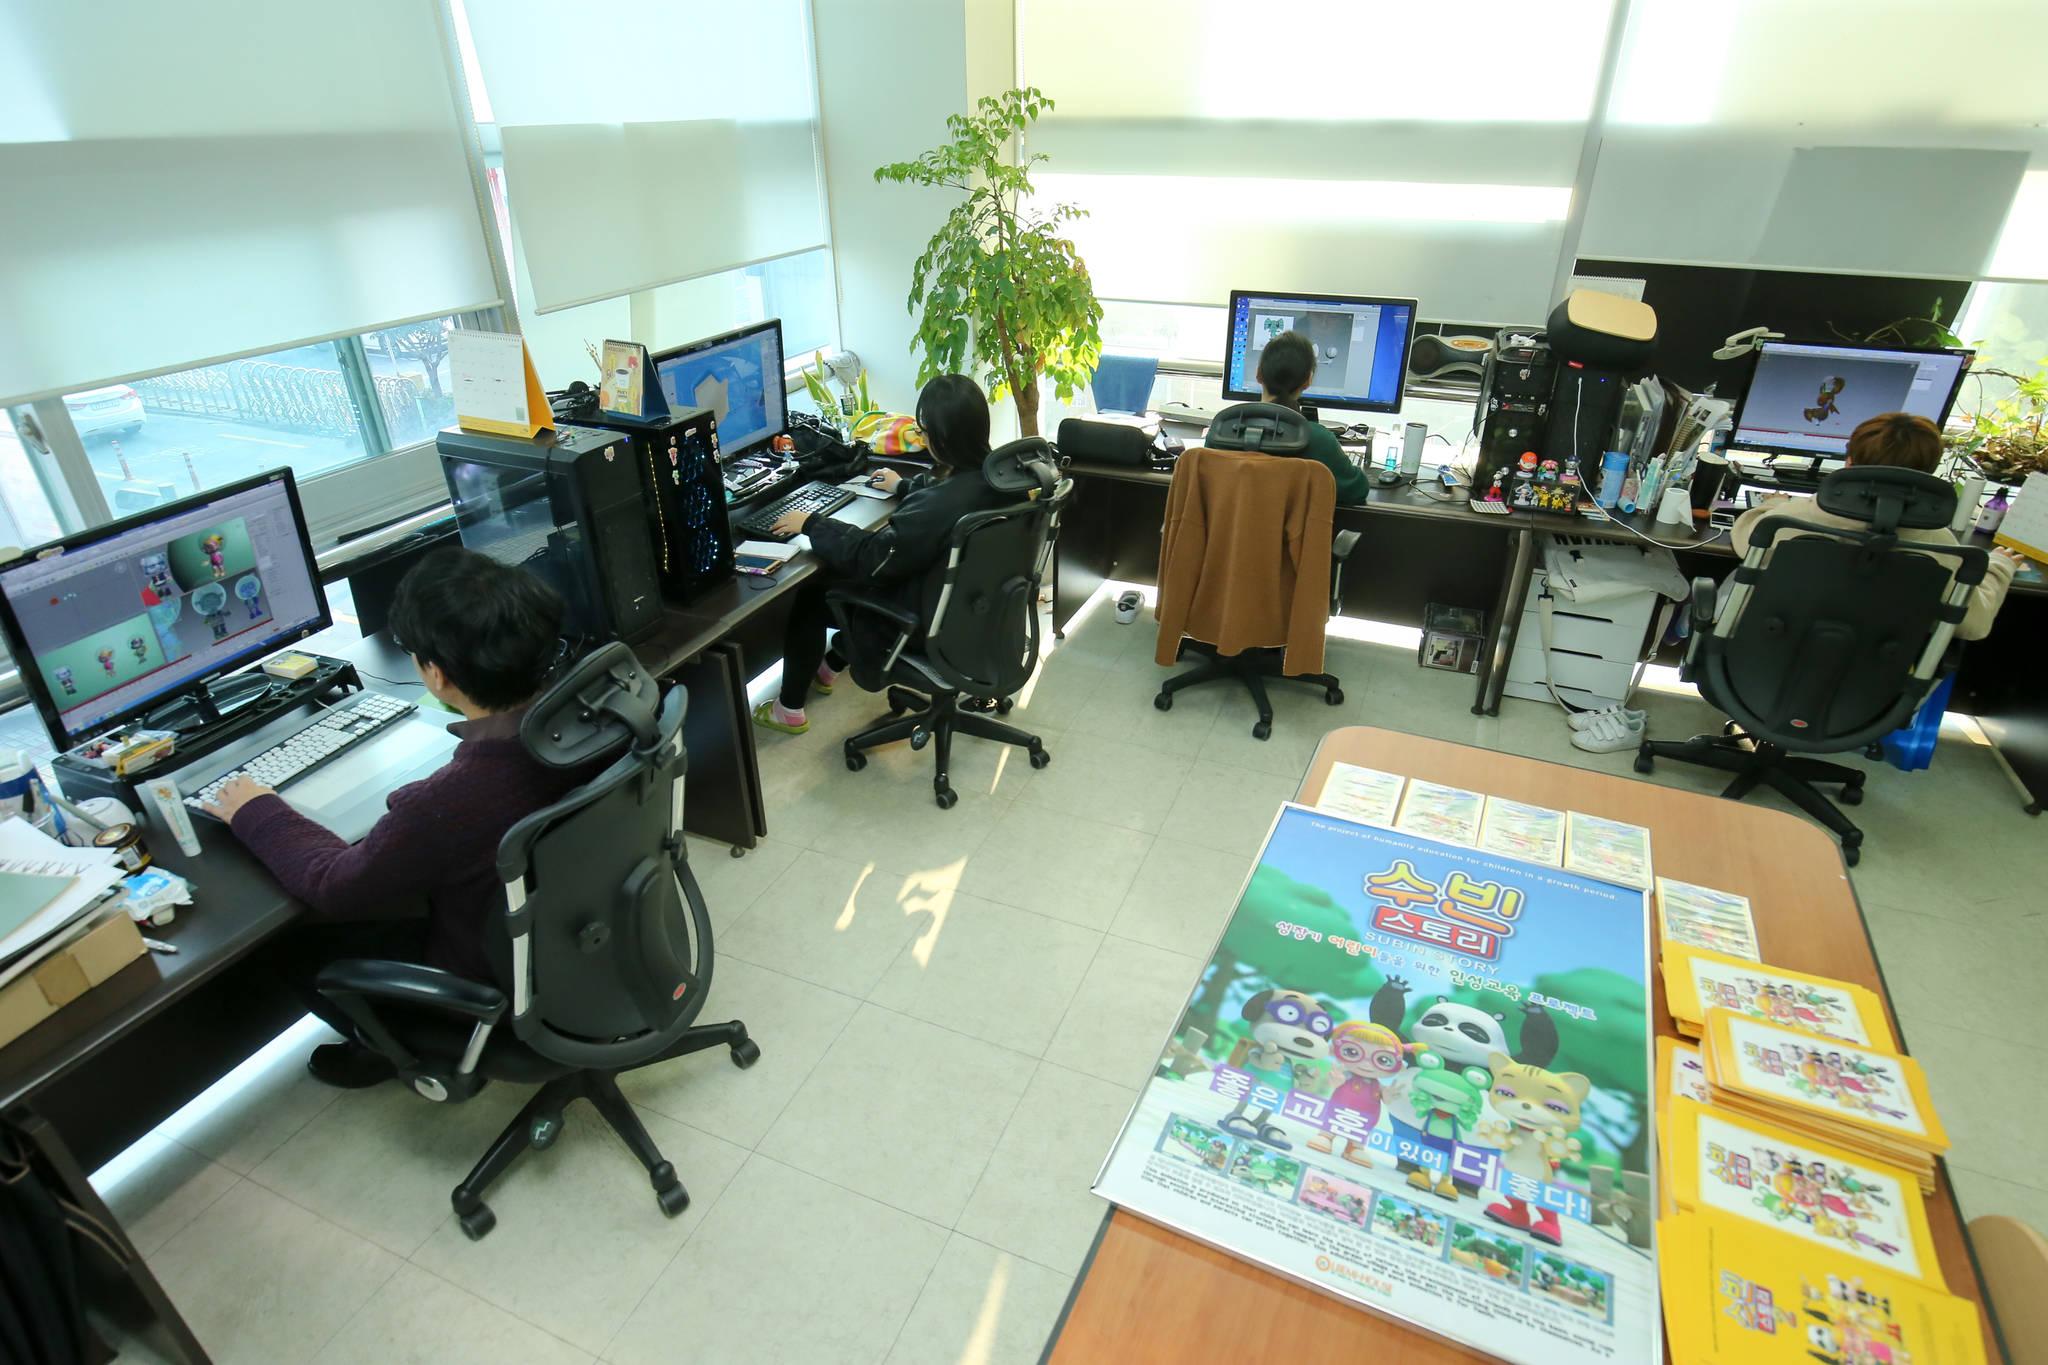 전주영화제작소 2층에 입주한 '올빼미하우스'. TV만화 '수빈 스토리'를 제작해 지역 애니메이션 업계의 성공 모델로 꼽히는 업체다. [프리랜서 장정필]